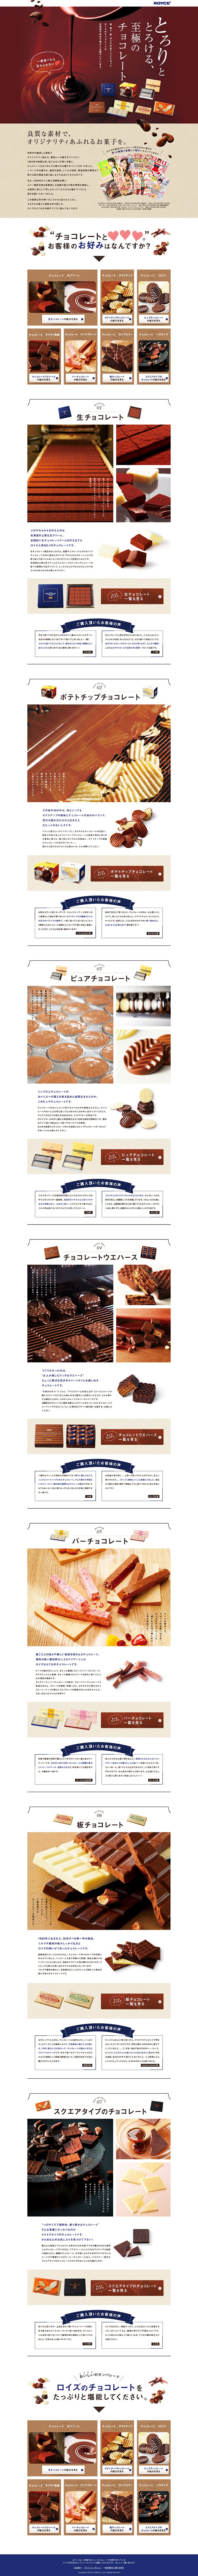 ロイズチョコレート